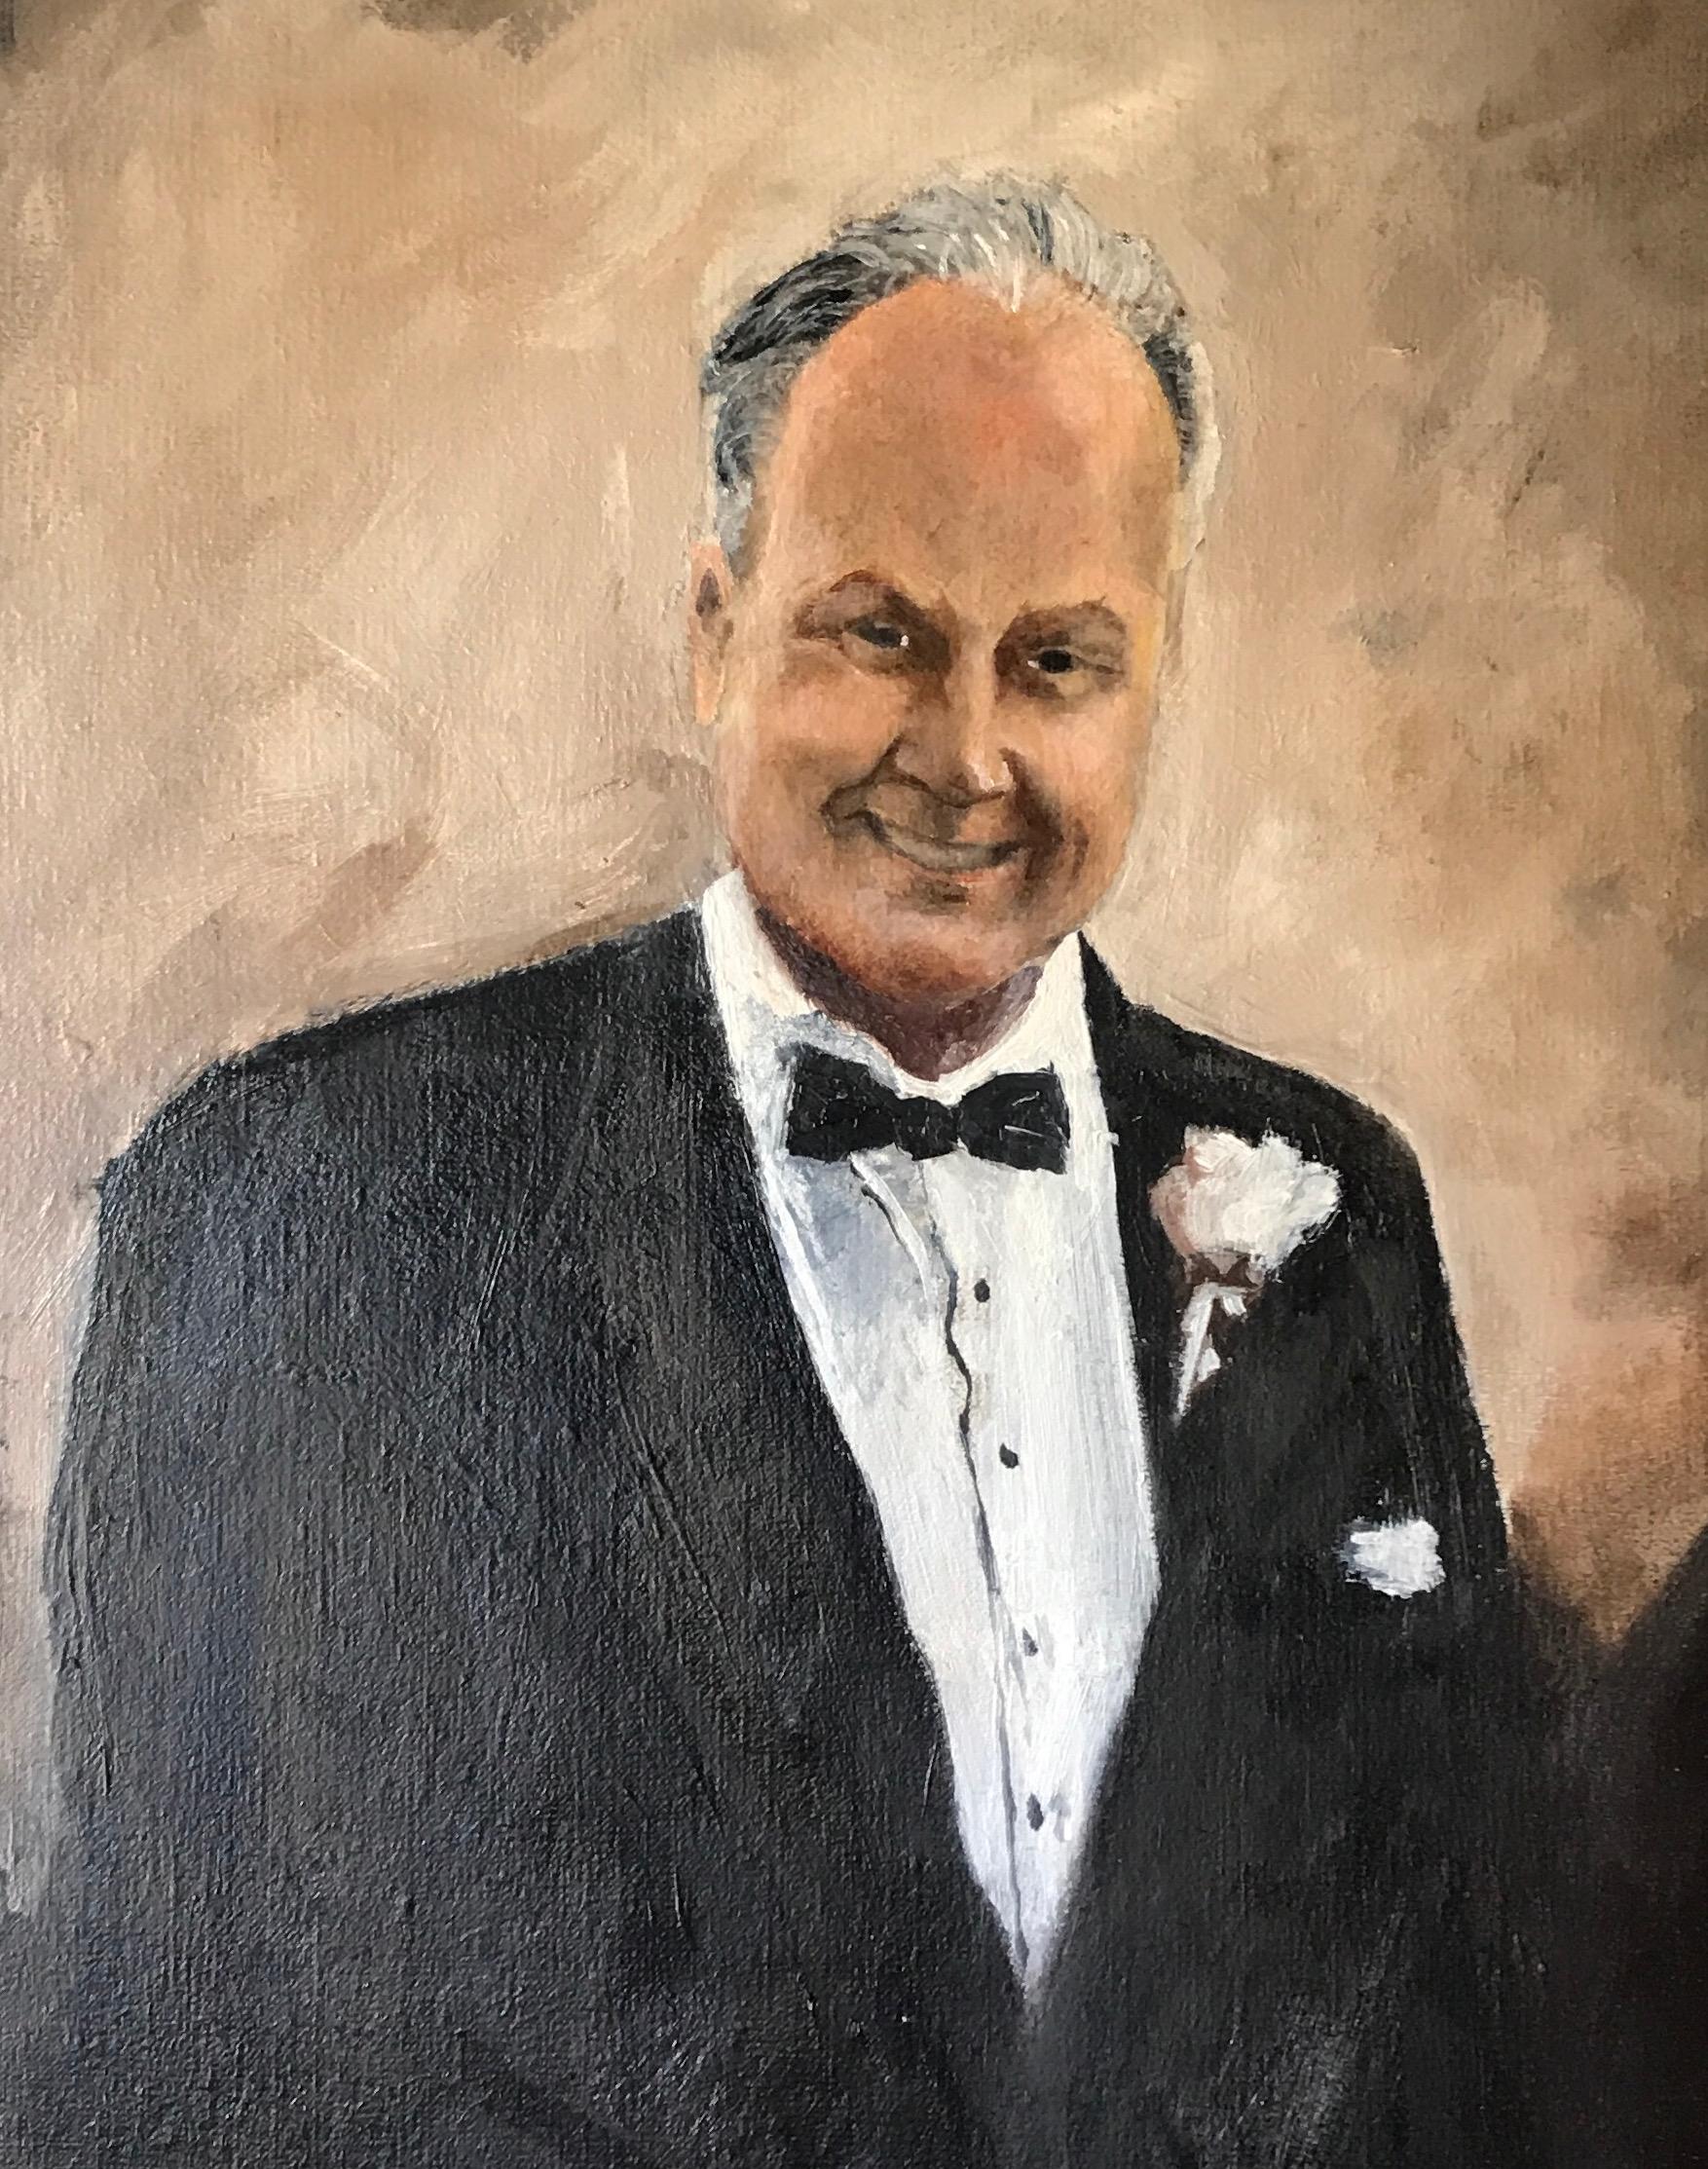 Portrait of John Cole (detail)